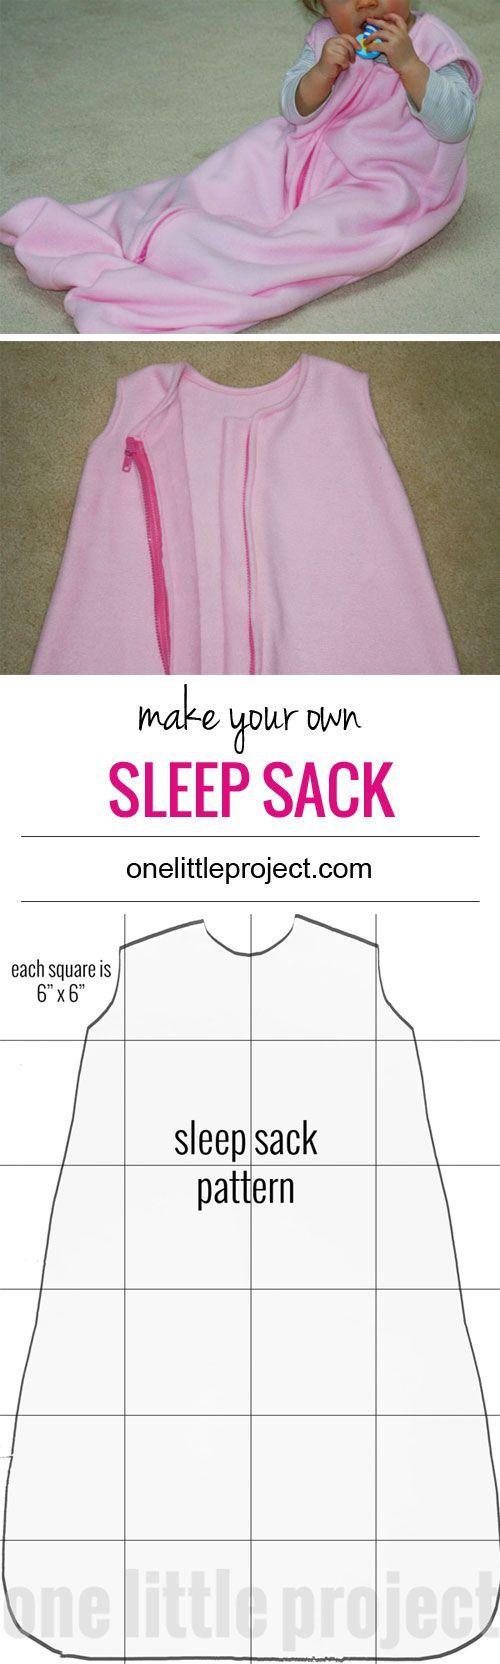 No es tan difícil de hacer su propio saco de dormir, así que decidí probarlo. Sin duda, es mejor que pagar $ 30 para otro!